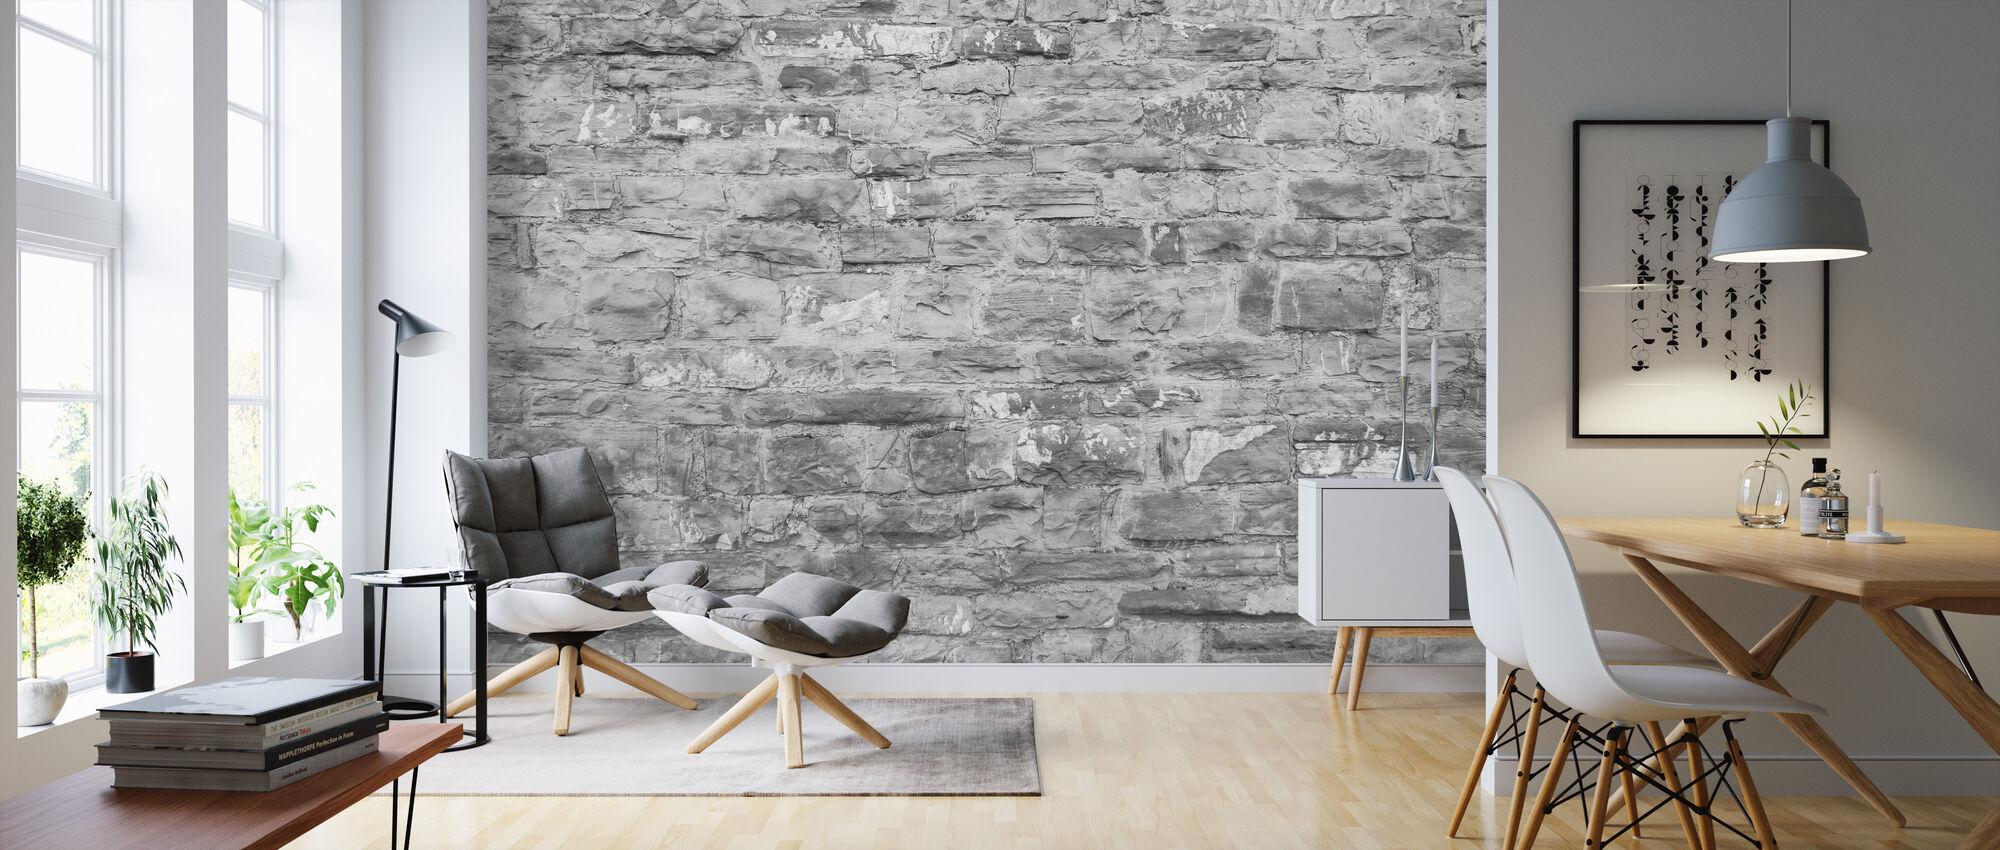 Täckt tegelvägg - Tapet - Vardagsrum